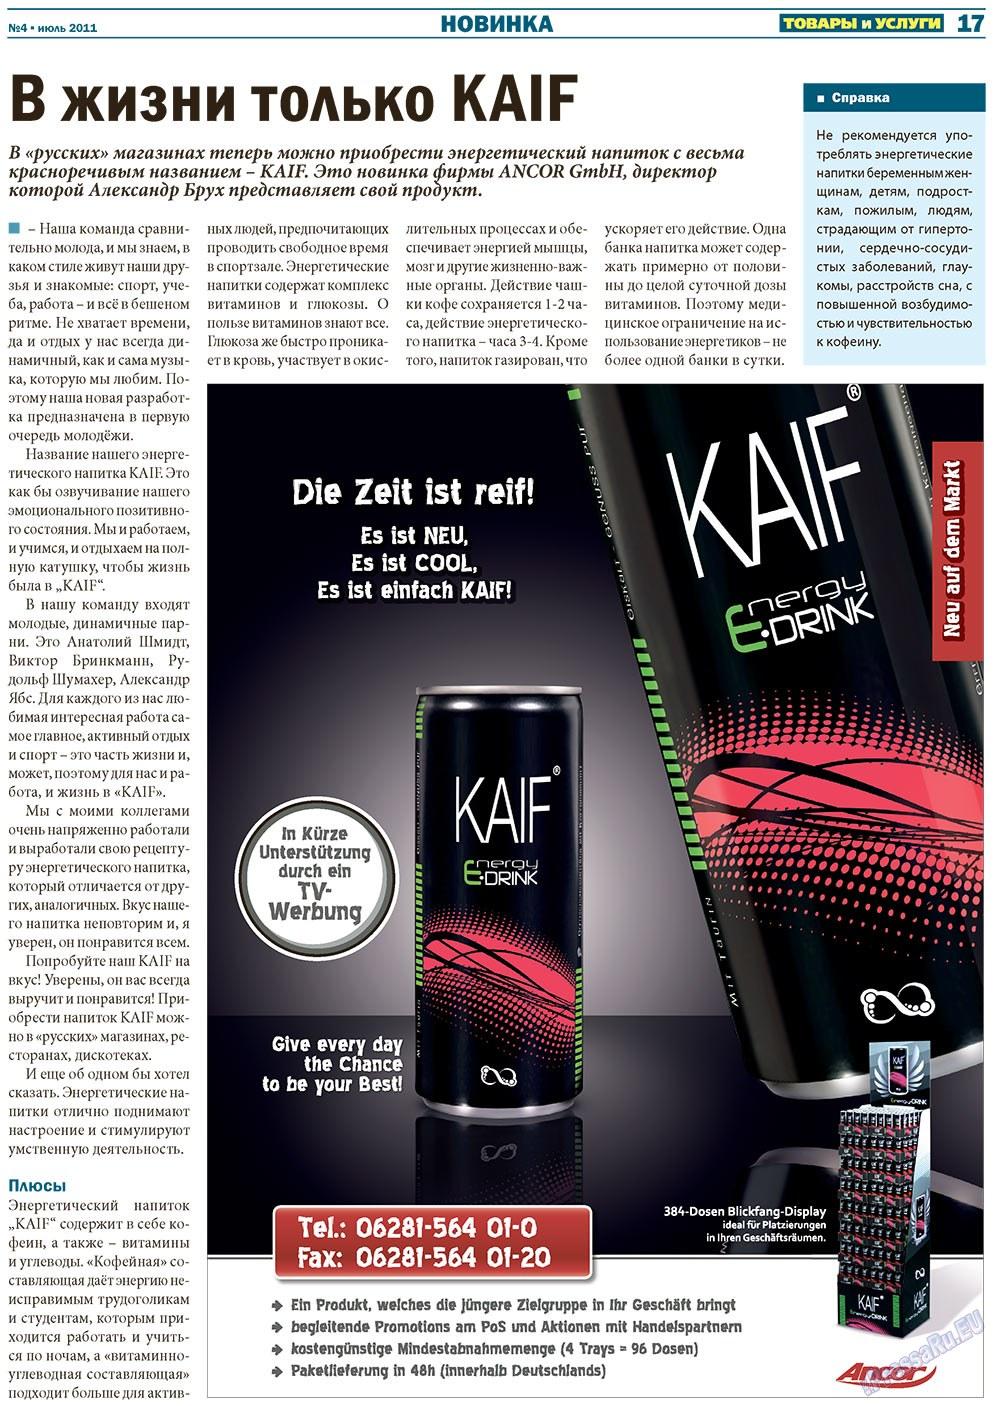 Товары и услуги (газета). 2011 год, номер 4, стр. 17